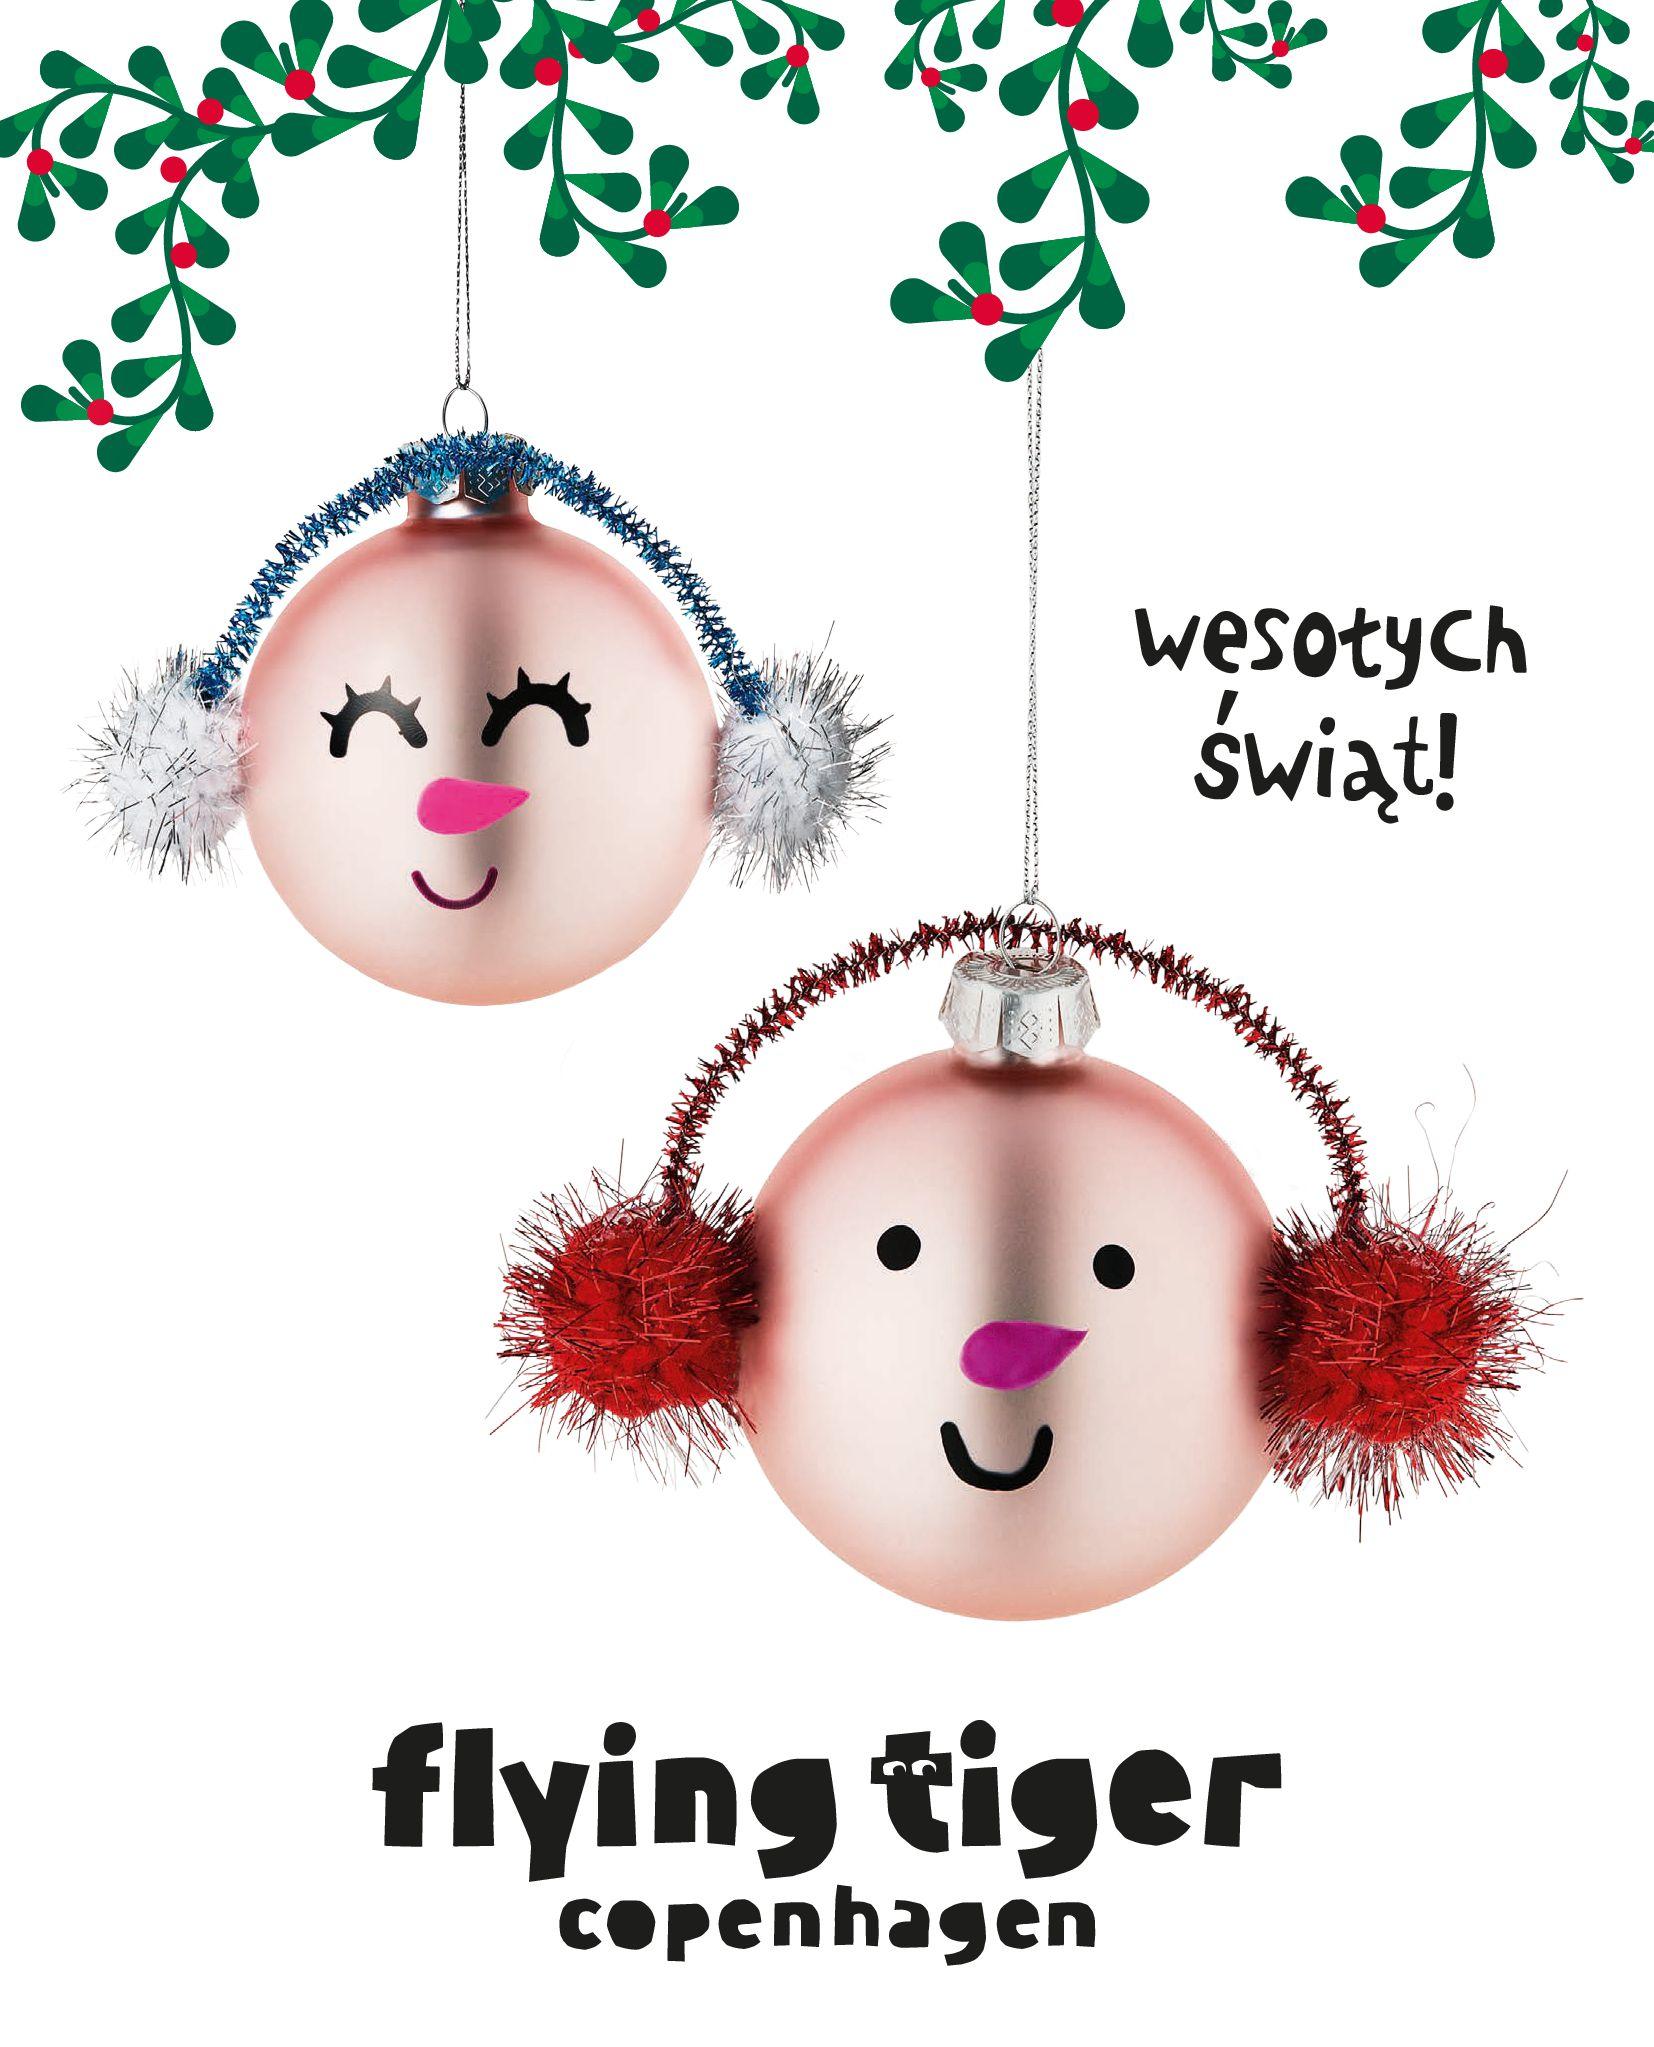 Gazetka Flying tiger - Wesołych Świąt!-2017-11-01-2017-12-31-page-1